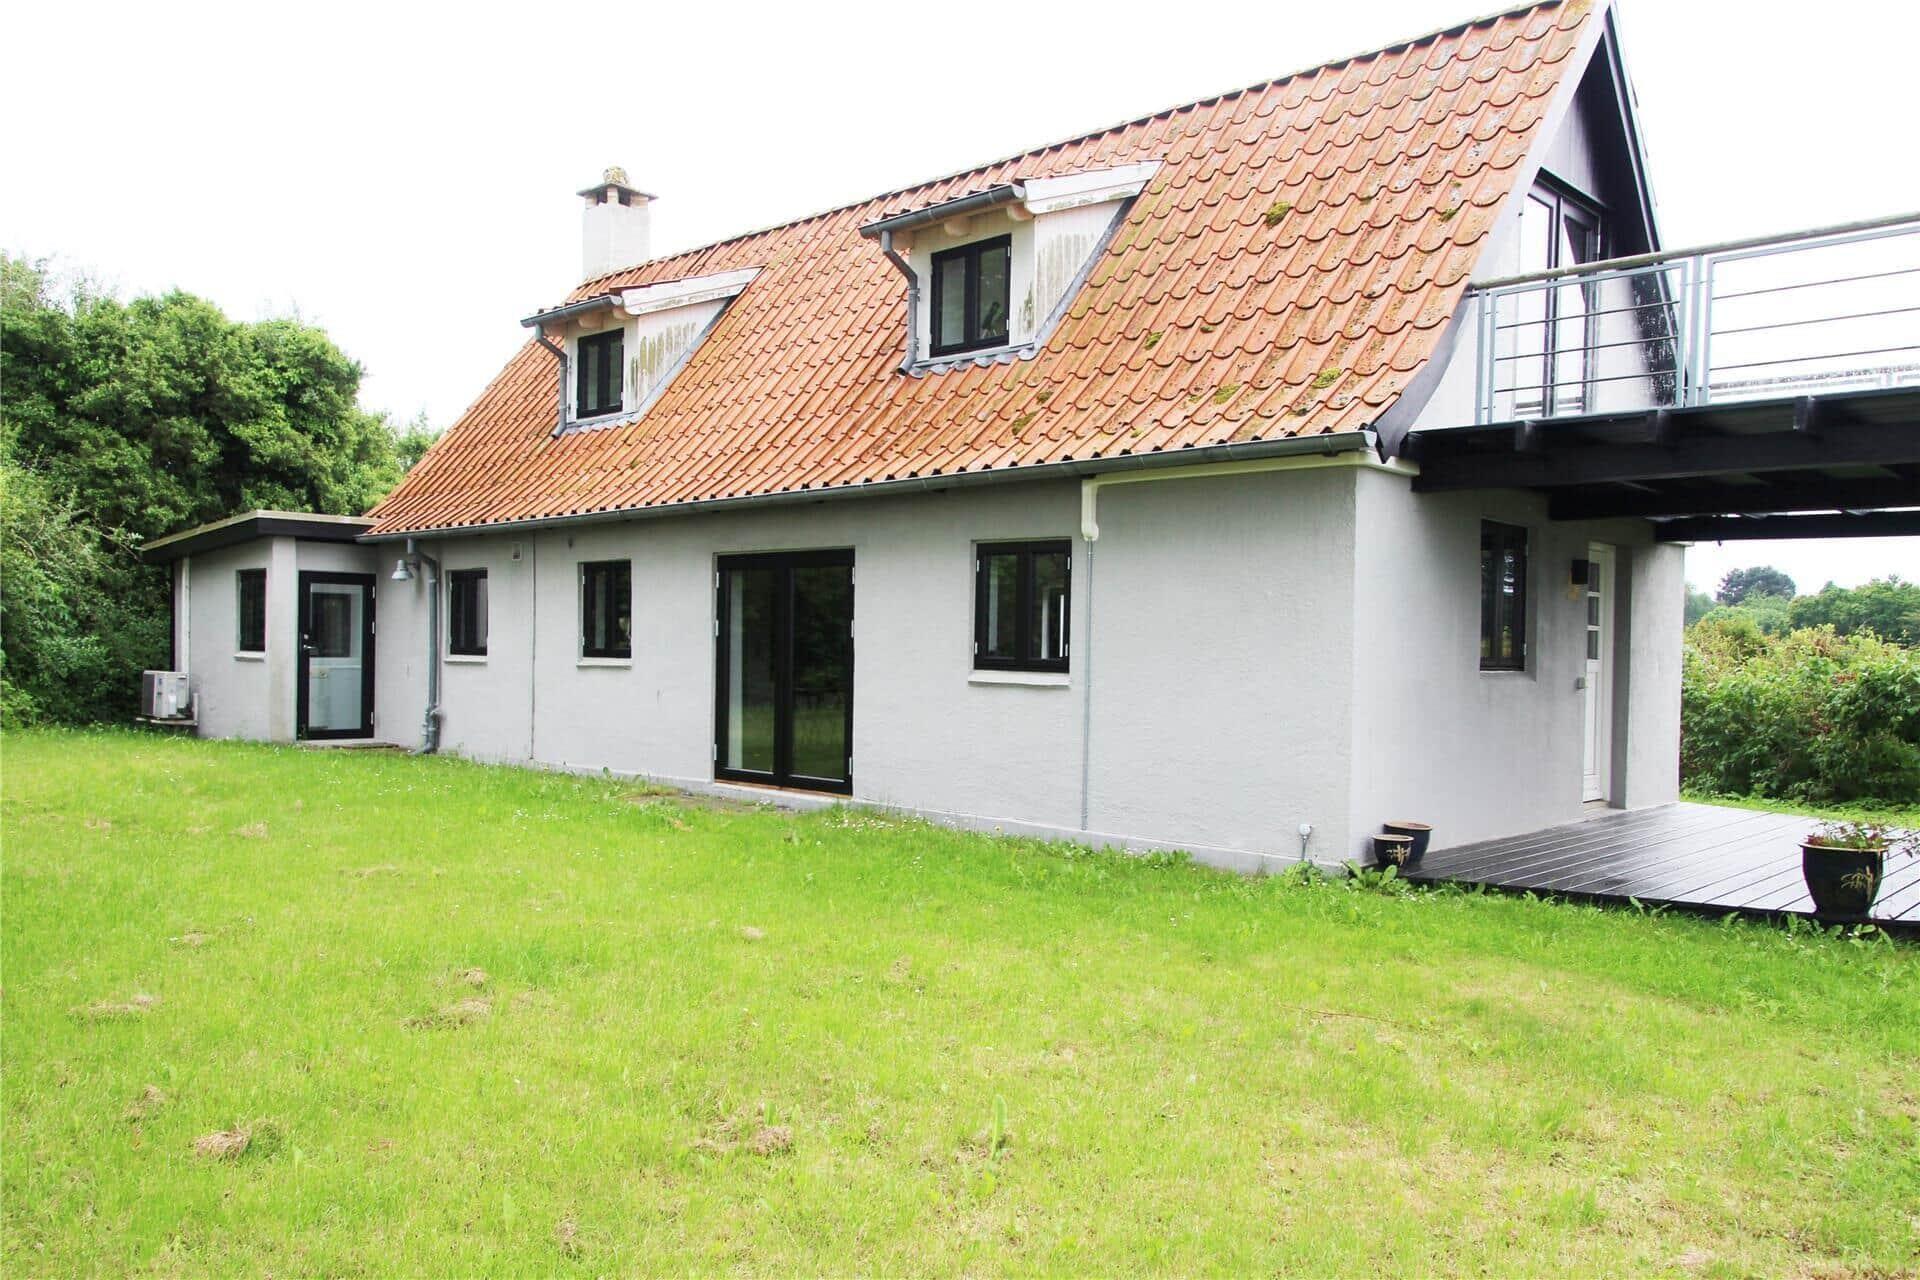 Bilde 1-3 Feirehus M66625, Flaskevejen 24, DK - 5370 Mesinge